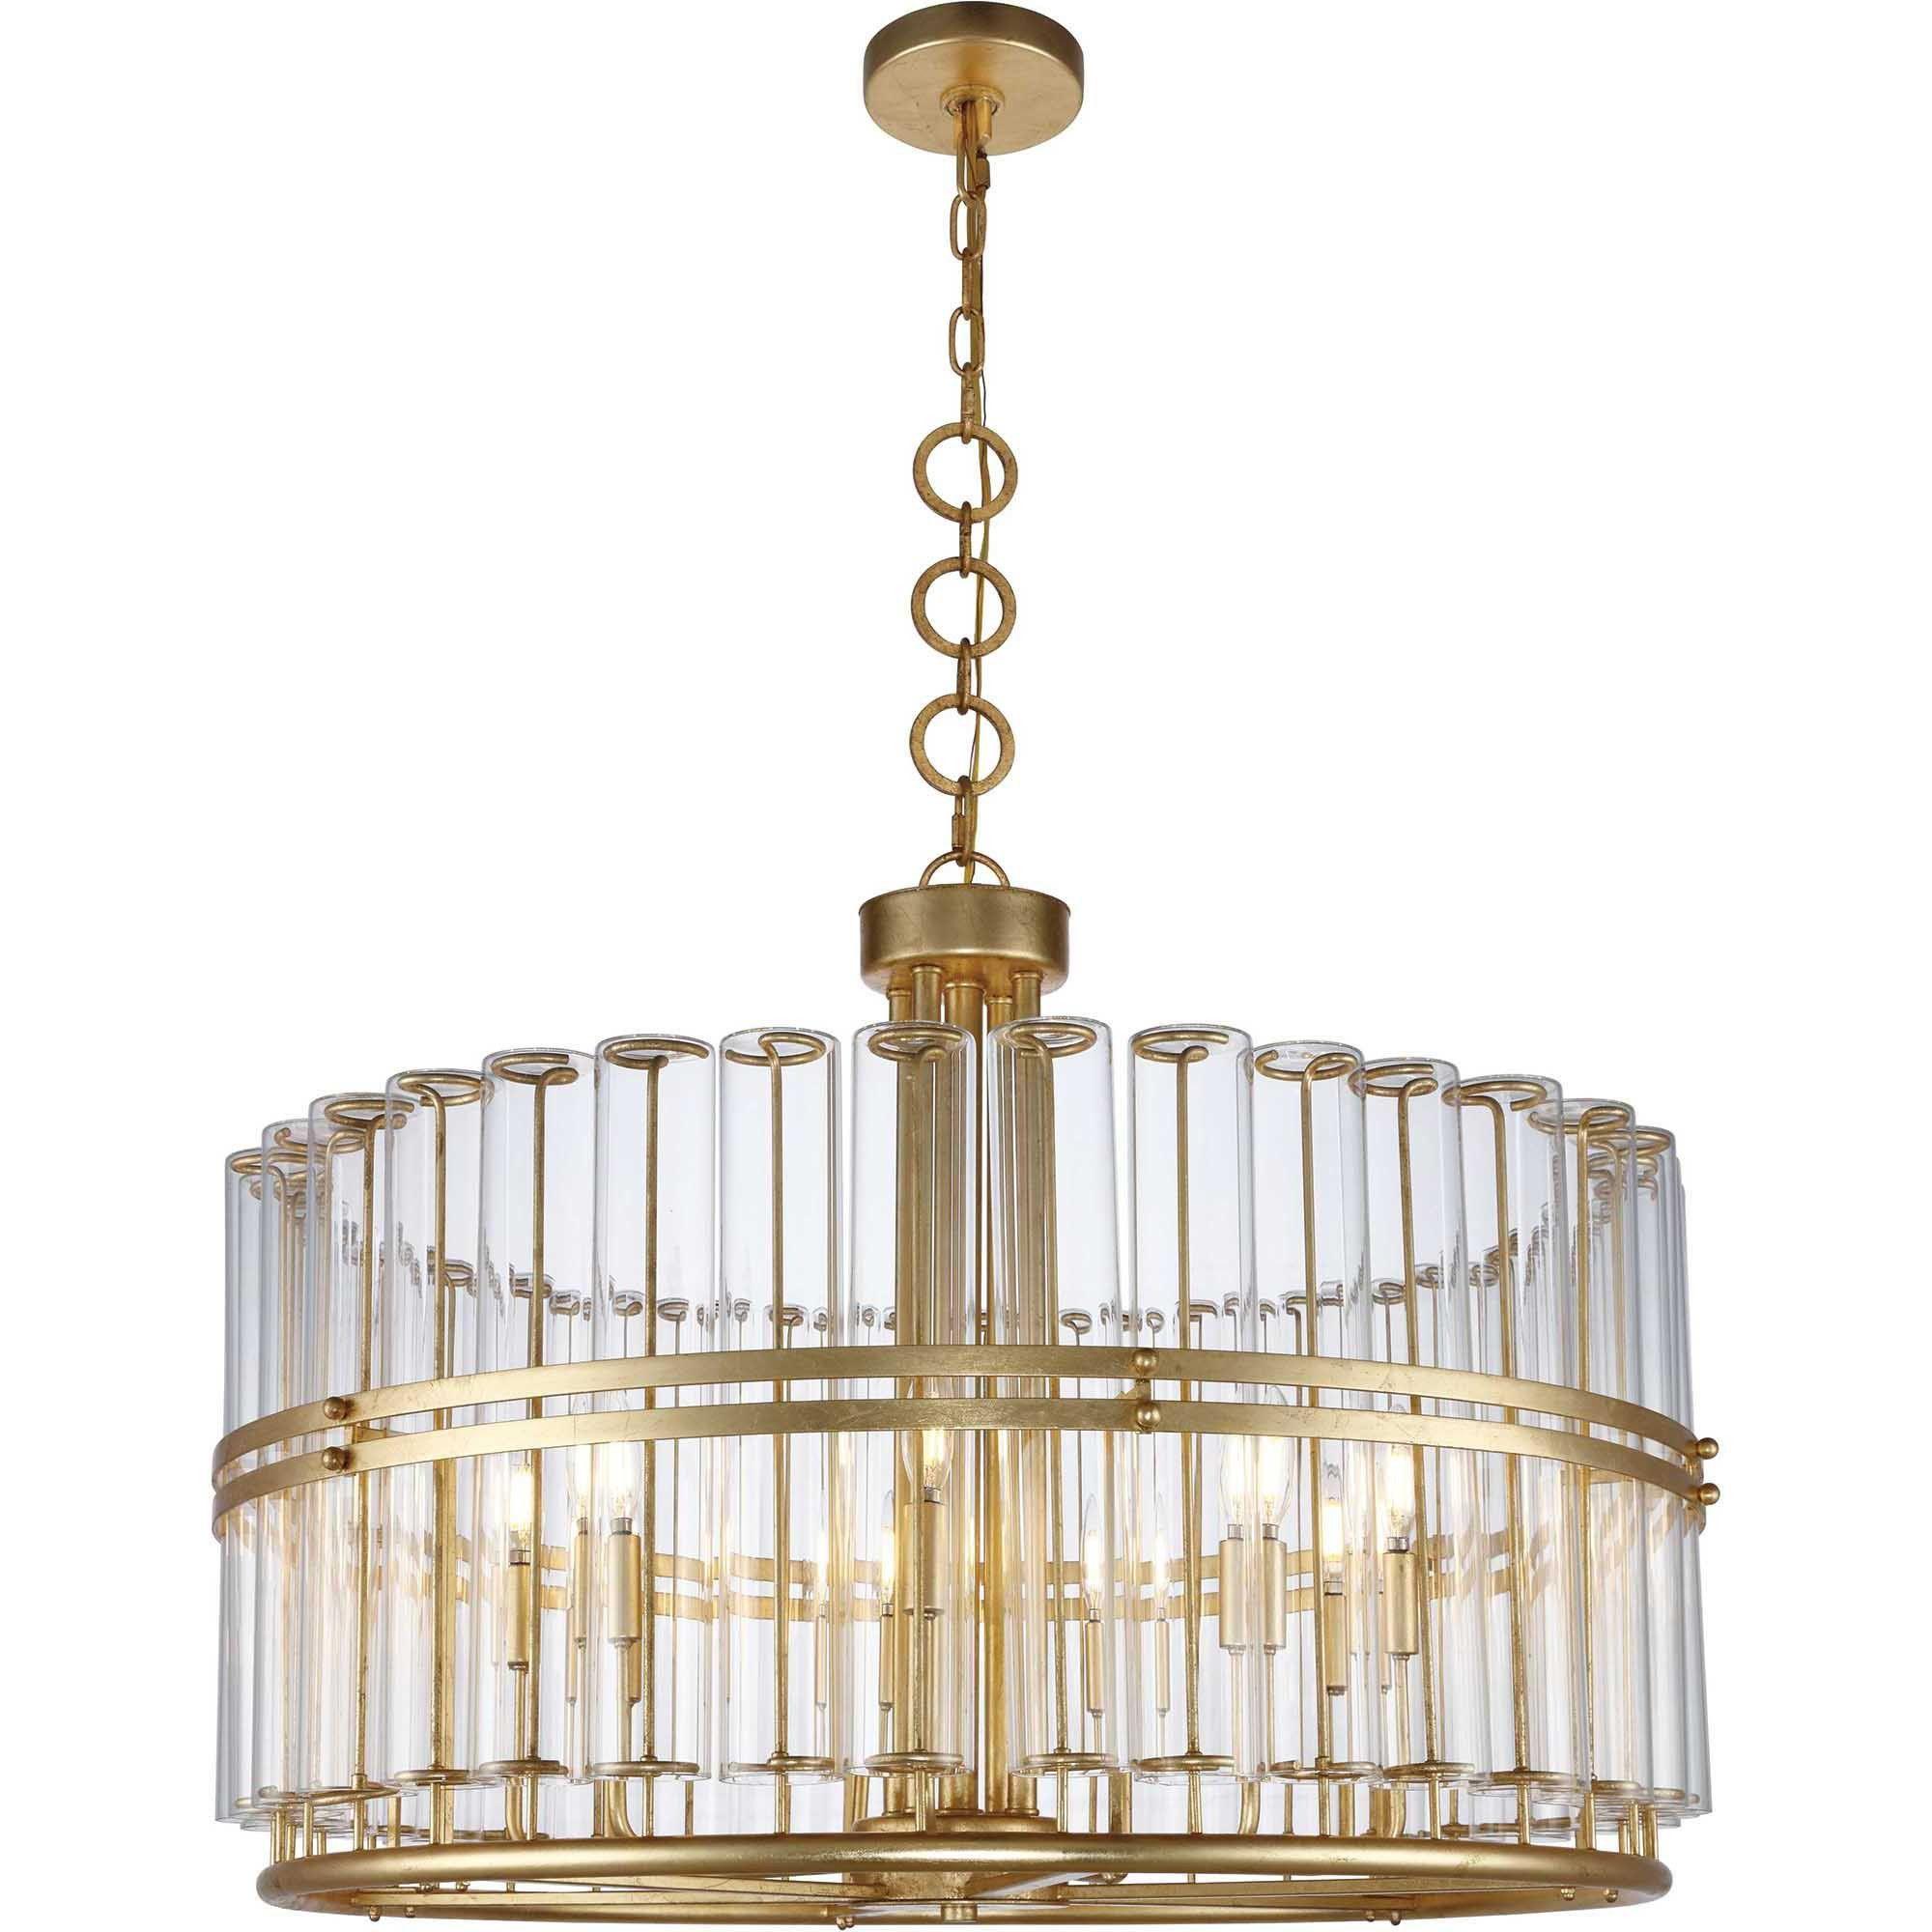 Piper 9 light chandelier antique gold leaf finish antique gold piper 9 light chandelier antique gold leaf finish aloadofball Images